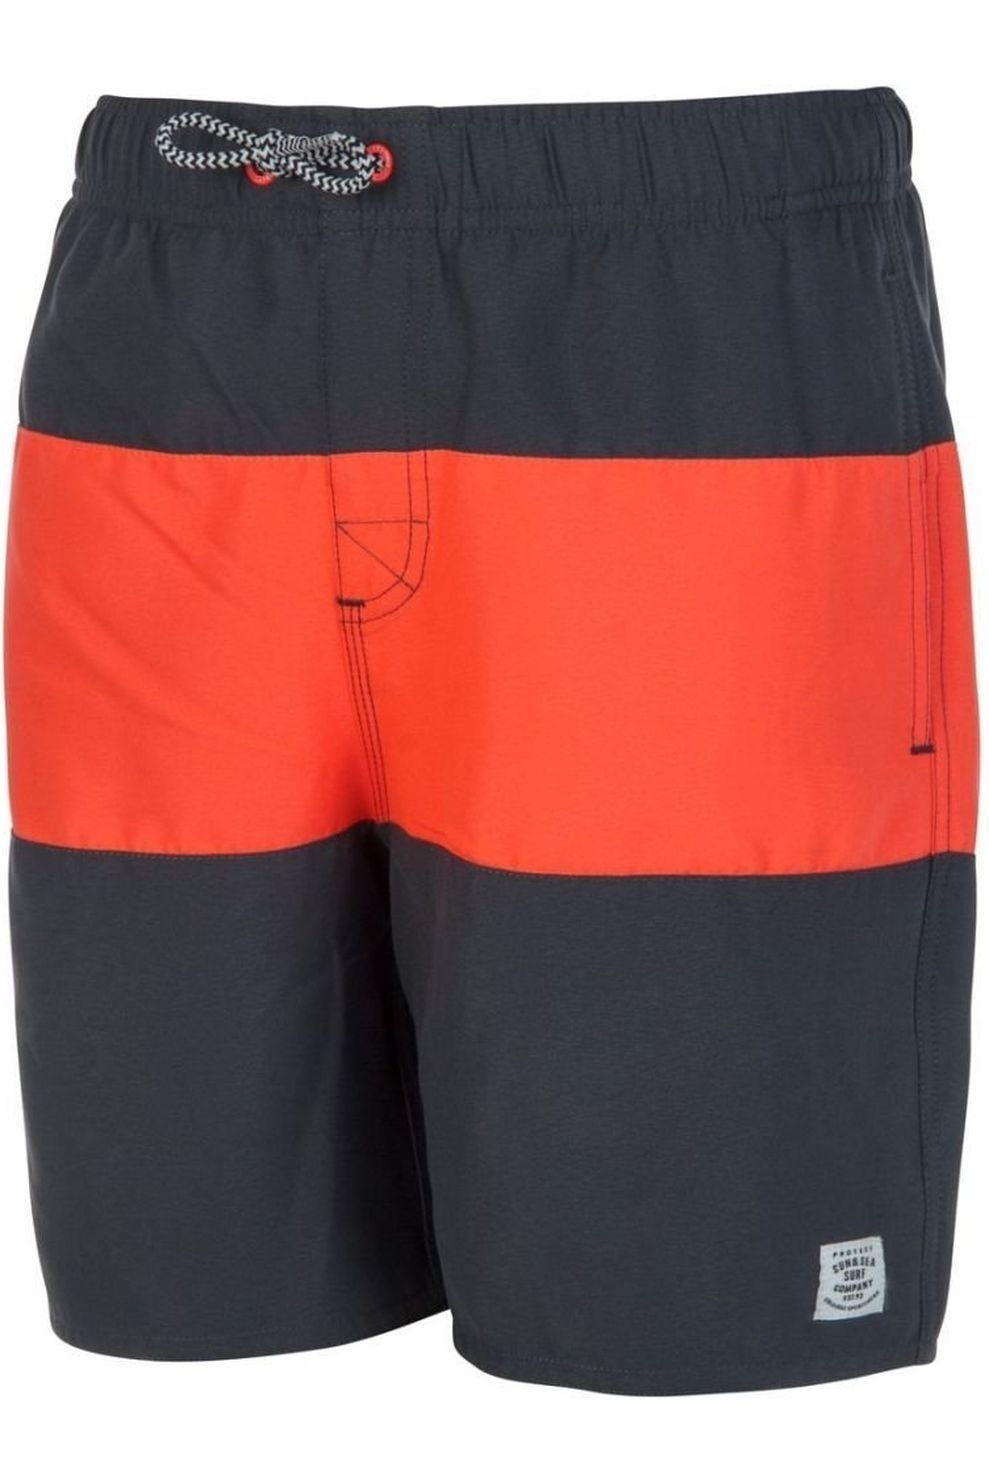 Protest Zwemshort Beagle 18 Jr voor jongens - Grijs/Oranje - Maten: 140, 164